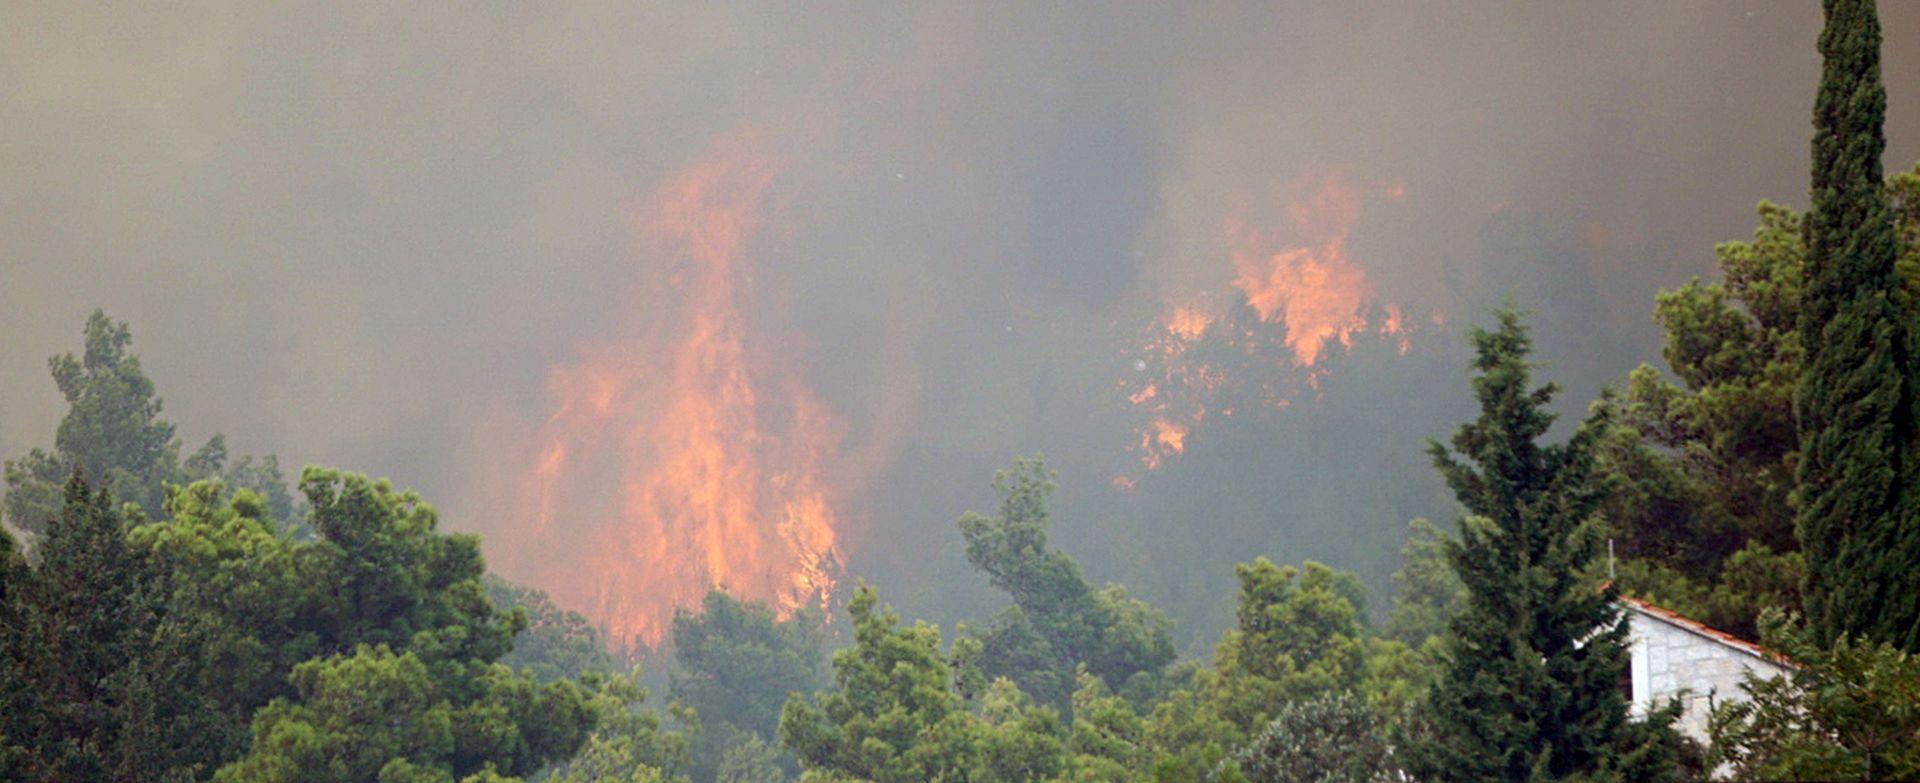 Uzrok požara u Lokvi Rogoznici otvoreni plamen ili žar